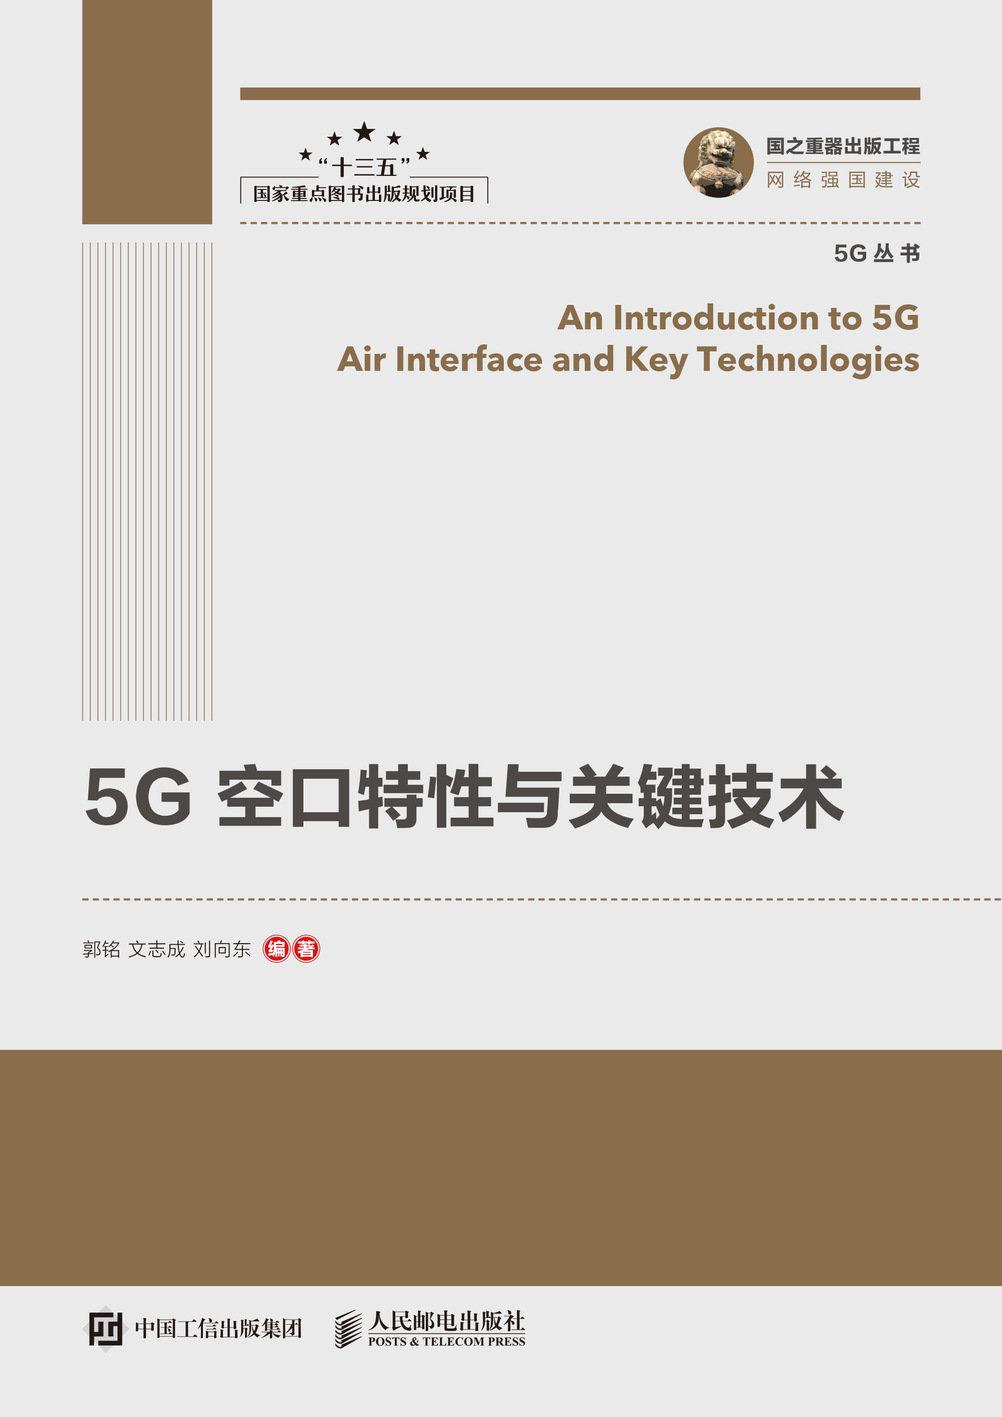 國之重器出版工程 5G空口特性與關鍵技術-preview-1